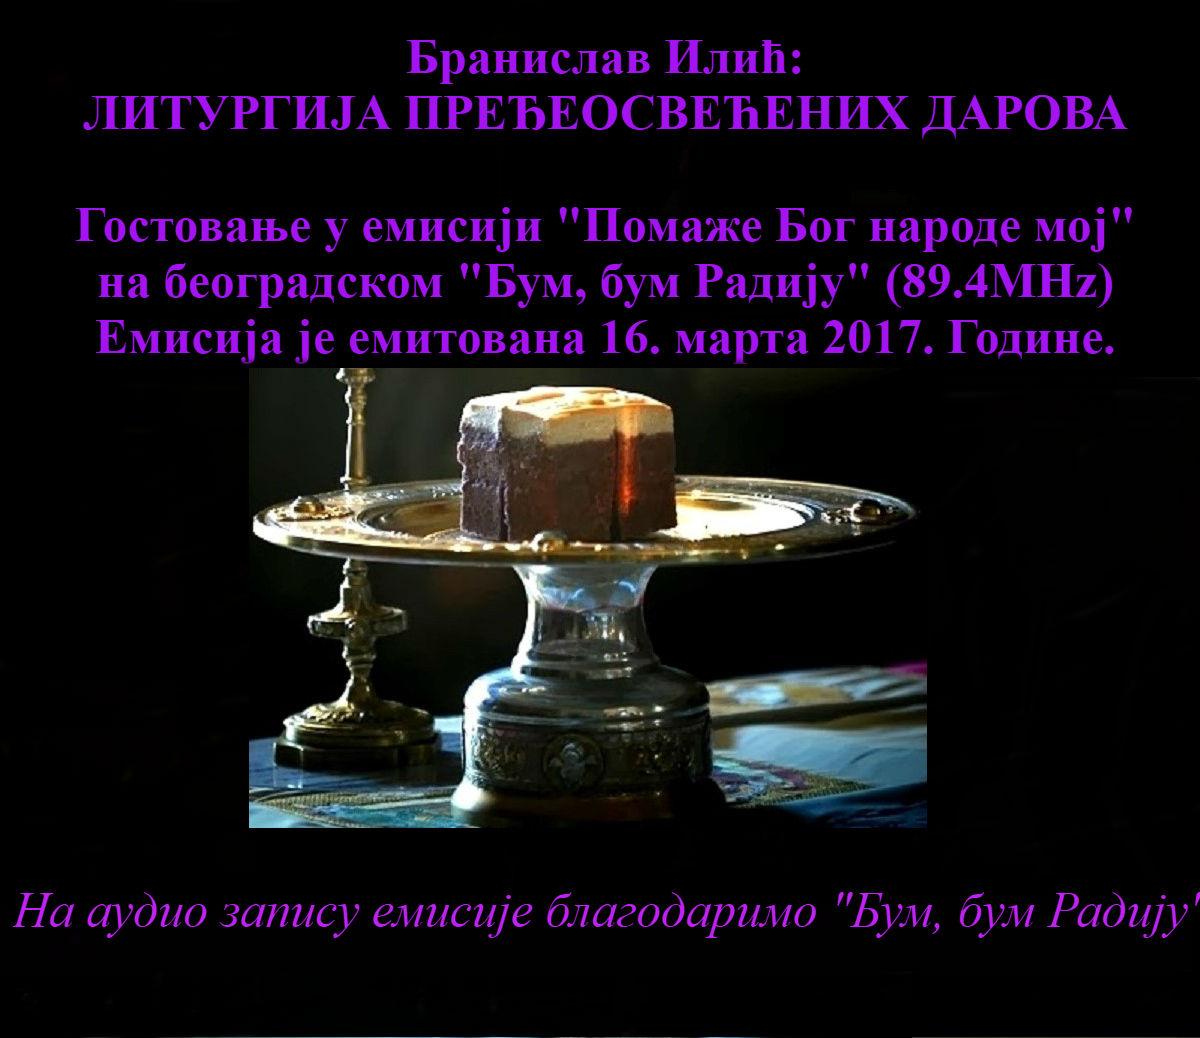 Емисија: О Литургији Пређеосвећених дарова